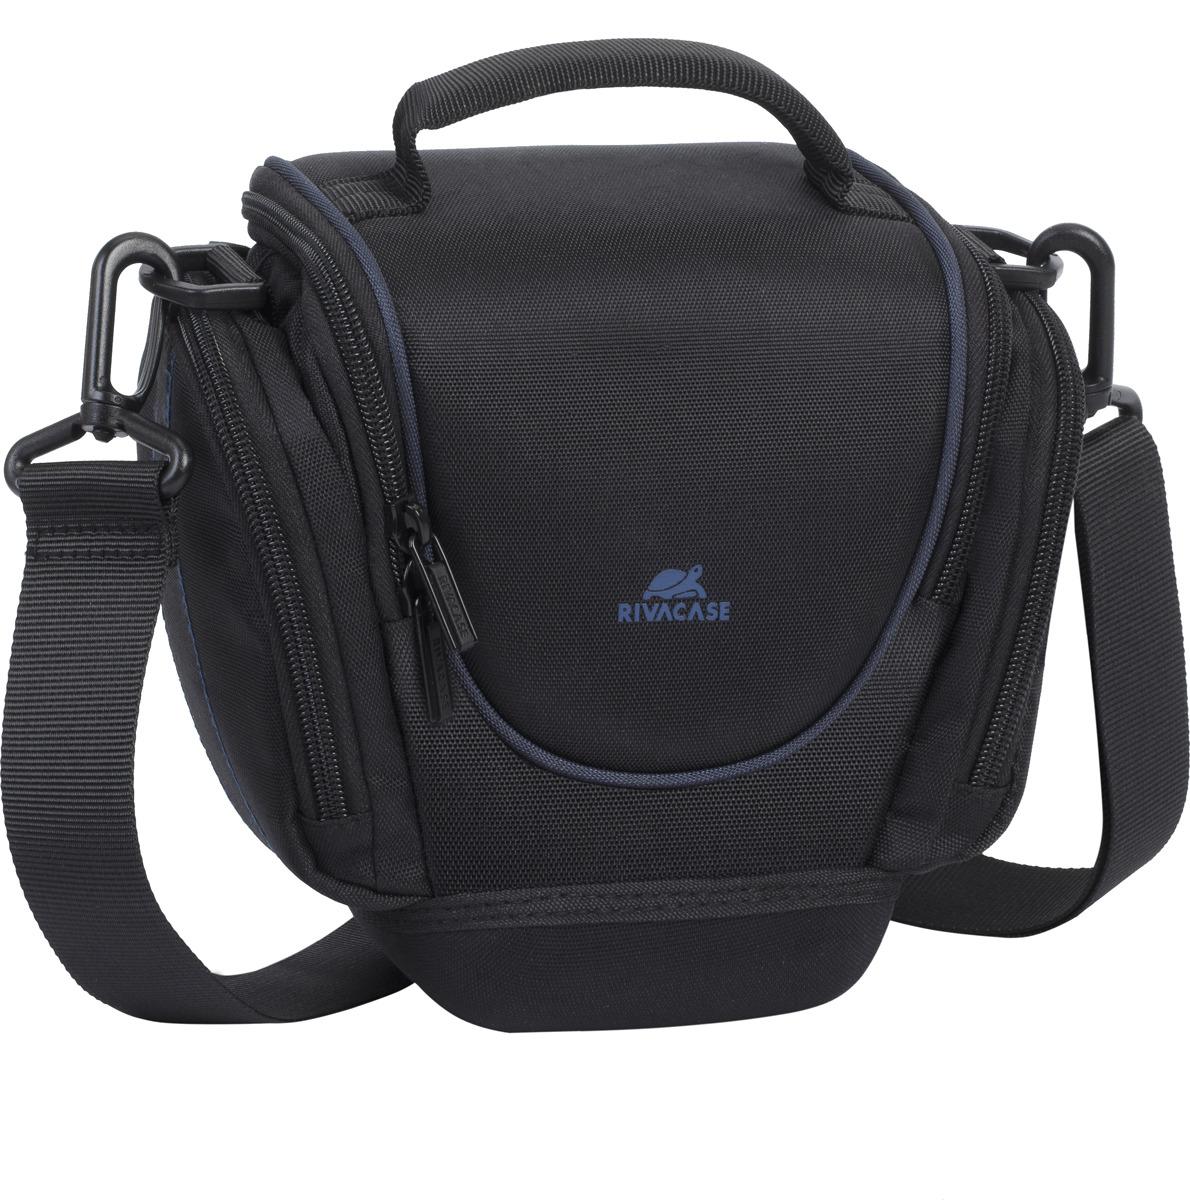 Сумка для фотоаппарата RivaCase 7202 SLR Black rivacase 7630 slr case pro black сумка для зеркальной фотокамеры